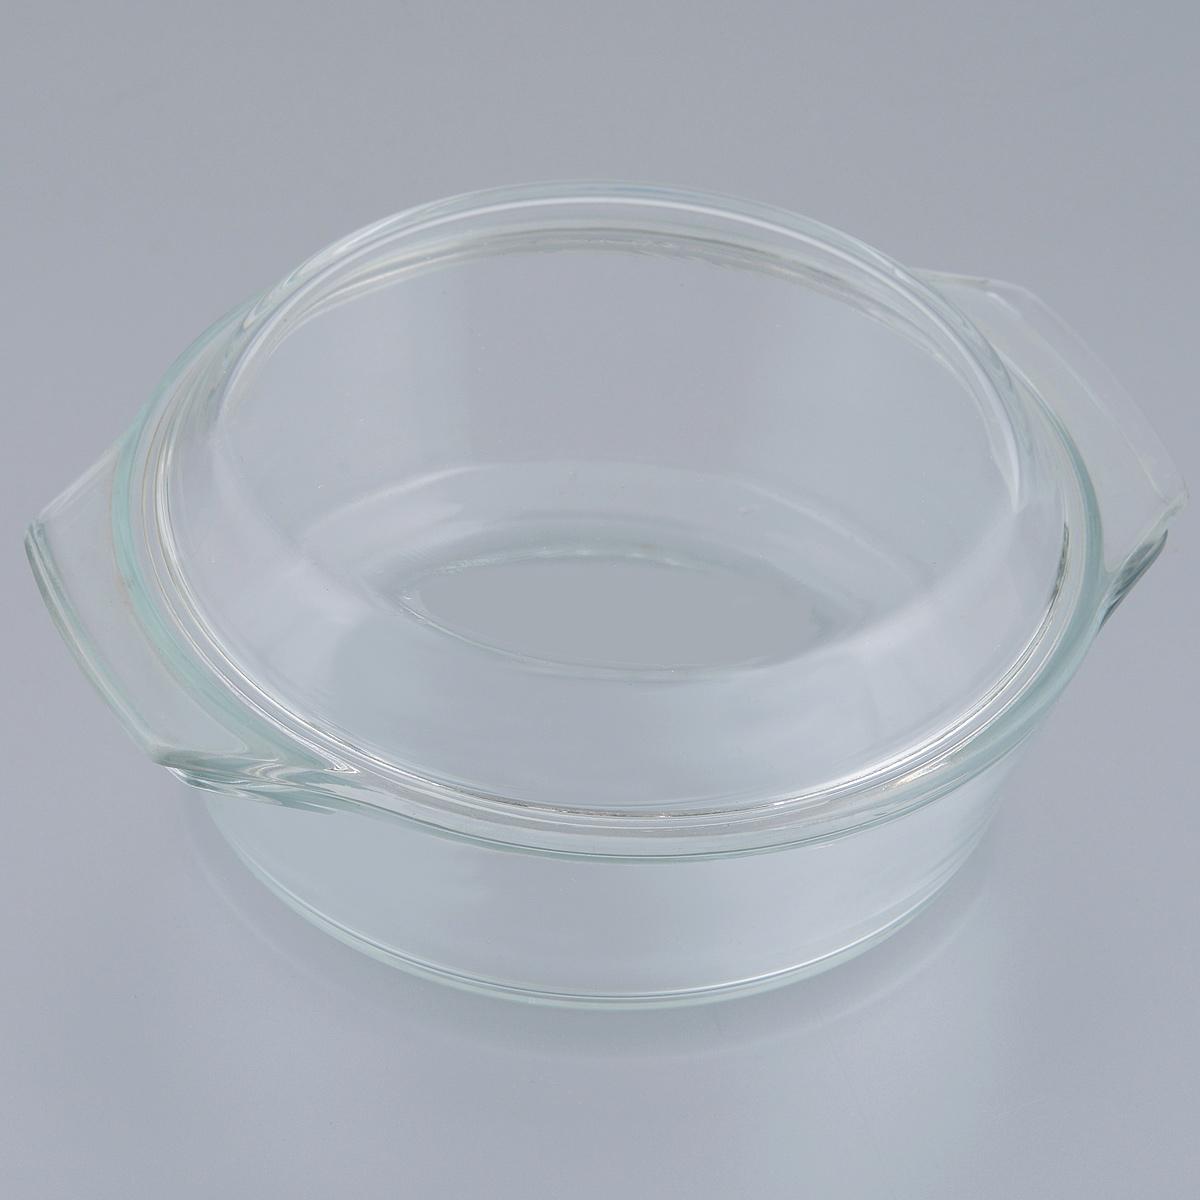 Кастрюля Mijotex с крышкой, 0,7 лPL17Кастрюля Mijotex изготовлена из экологически чистого жаропрочного стекла и оснащена крышкой, которую также можно использовать как отдельную емкость. Стекло - самый безопасный для здоровья материал. Посуда из стекла не вступает в реакцию с готовящейся пищей, а потому не выделяет никаких вредных веществ, не подвергается воздействию кислот и солей. Из-за невысокой теплопроводности пища в стеклянной посуде гораздо медленнее остывает. Стеклянная посуда очень удобна для приготовления, разогрева и хранения самых разнообразных блюд: супов, вторых блюд, десертов. Используя такую кастрюлю, вы можете не только приготовить в ней пищу, но и подать ее к столу, не меняя посуды. Благодаря гладкой идеально ровной поверхности посуда легко моется. Допускается нагрев посуды до 250°С. Можно использовать в микроволновой печи, духовом шкафу, на газовых конфорках и электроплитах. Можно использовать для хранения в холодильнике и морозильной камере. Можно мыть в посудомоечной машине. ...